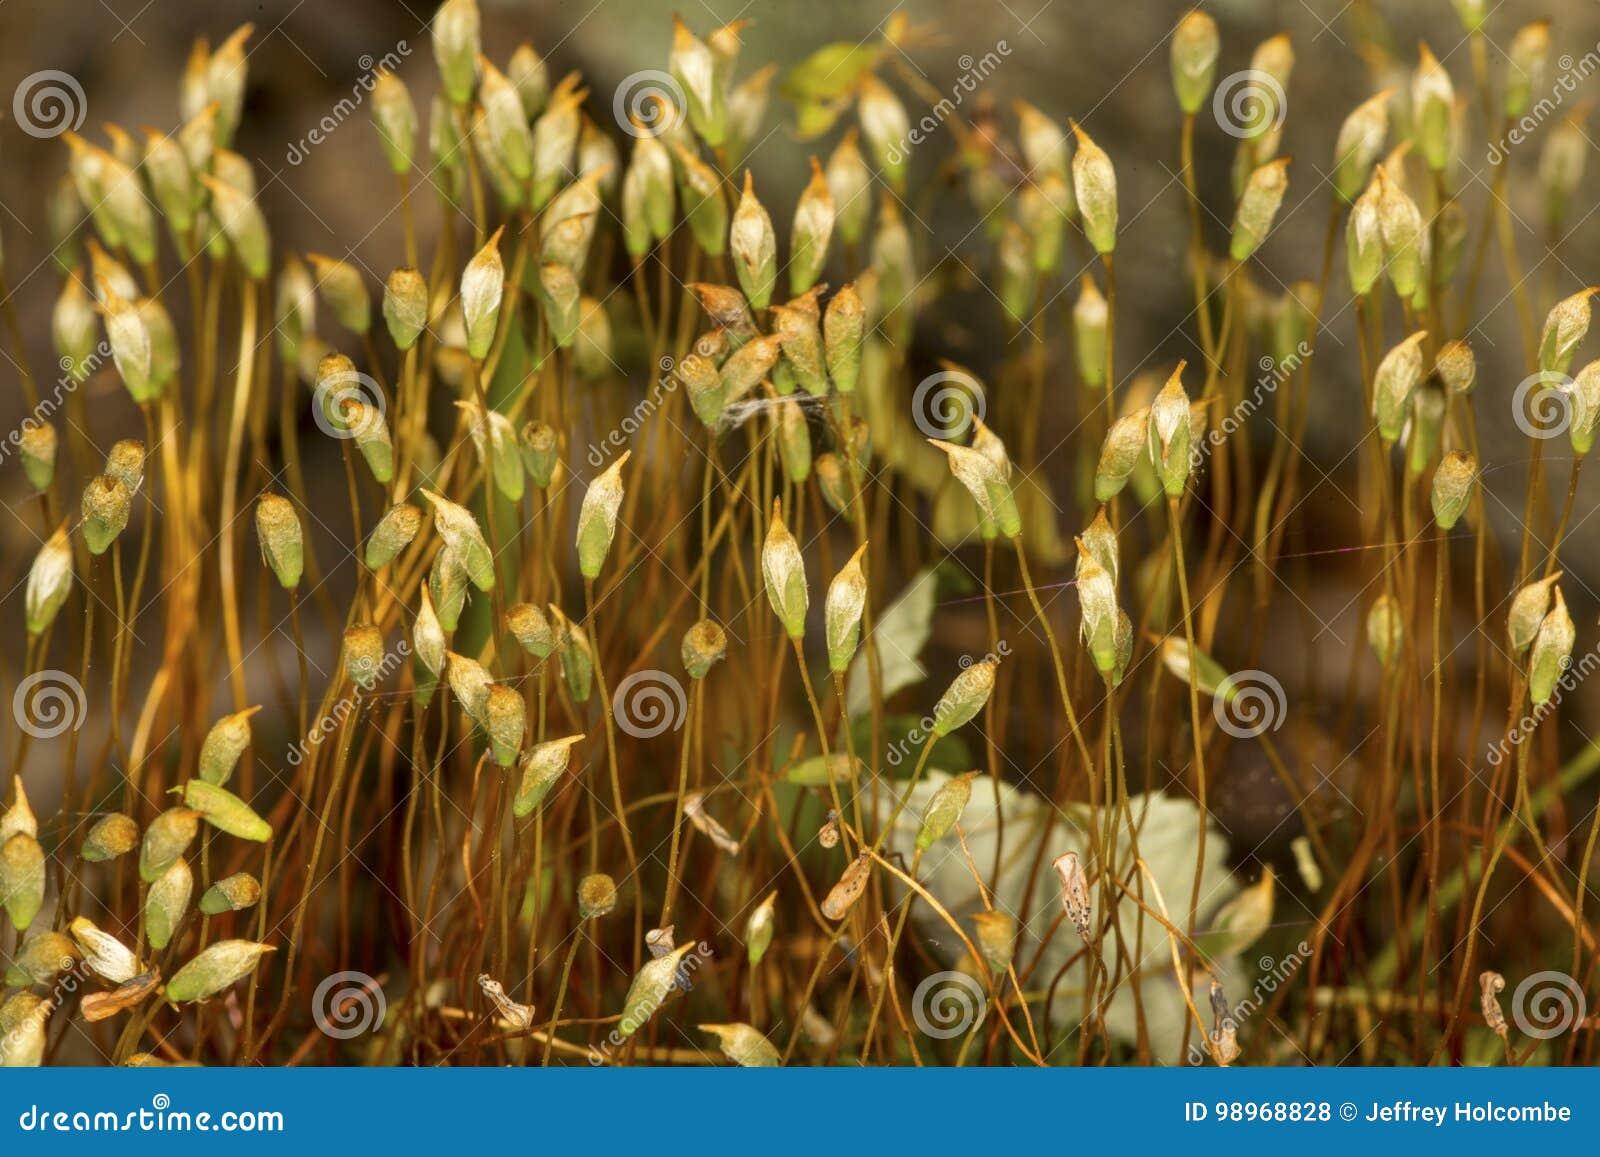 Haarkappen-Moos Sporophytes in Somers, Connecticut